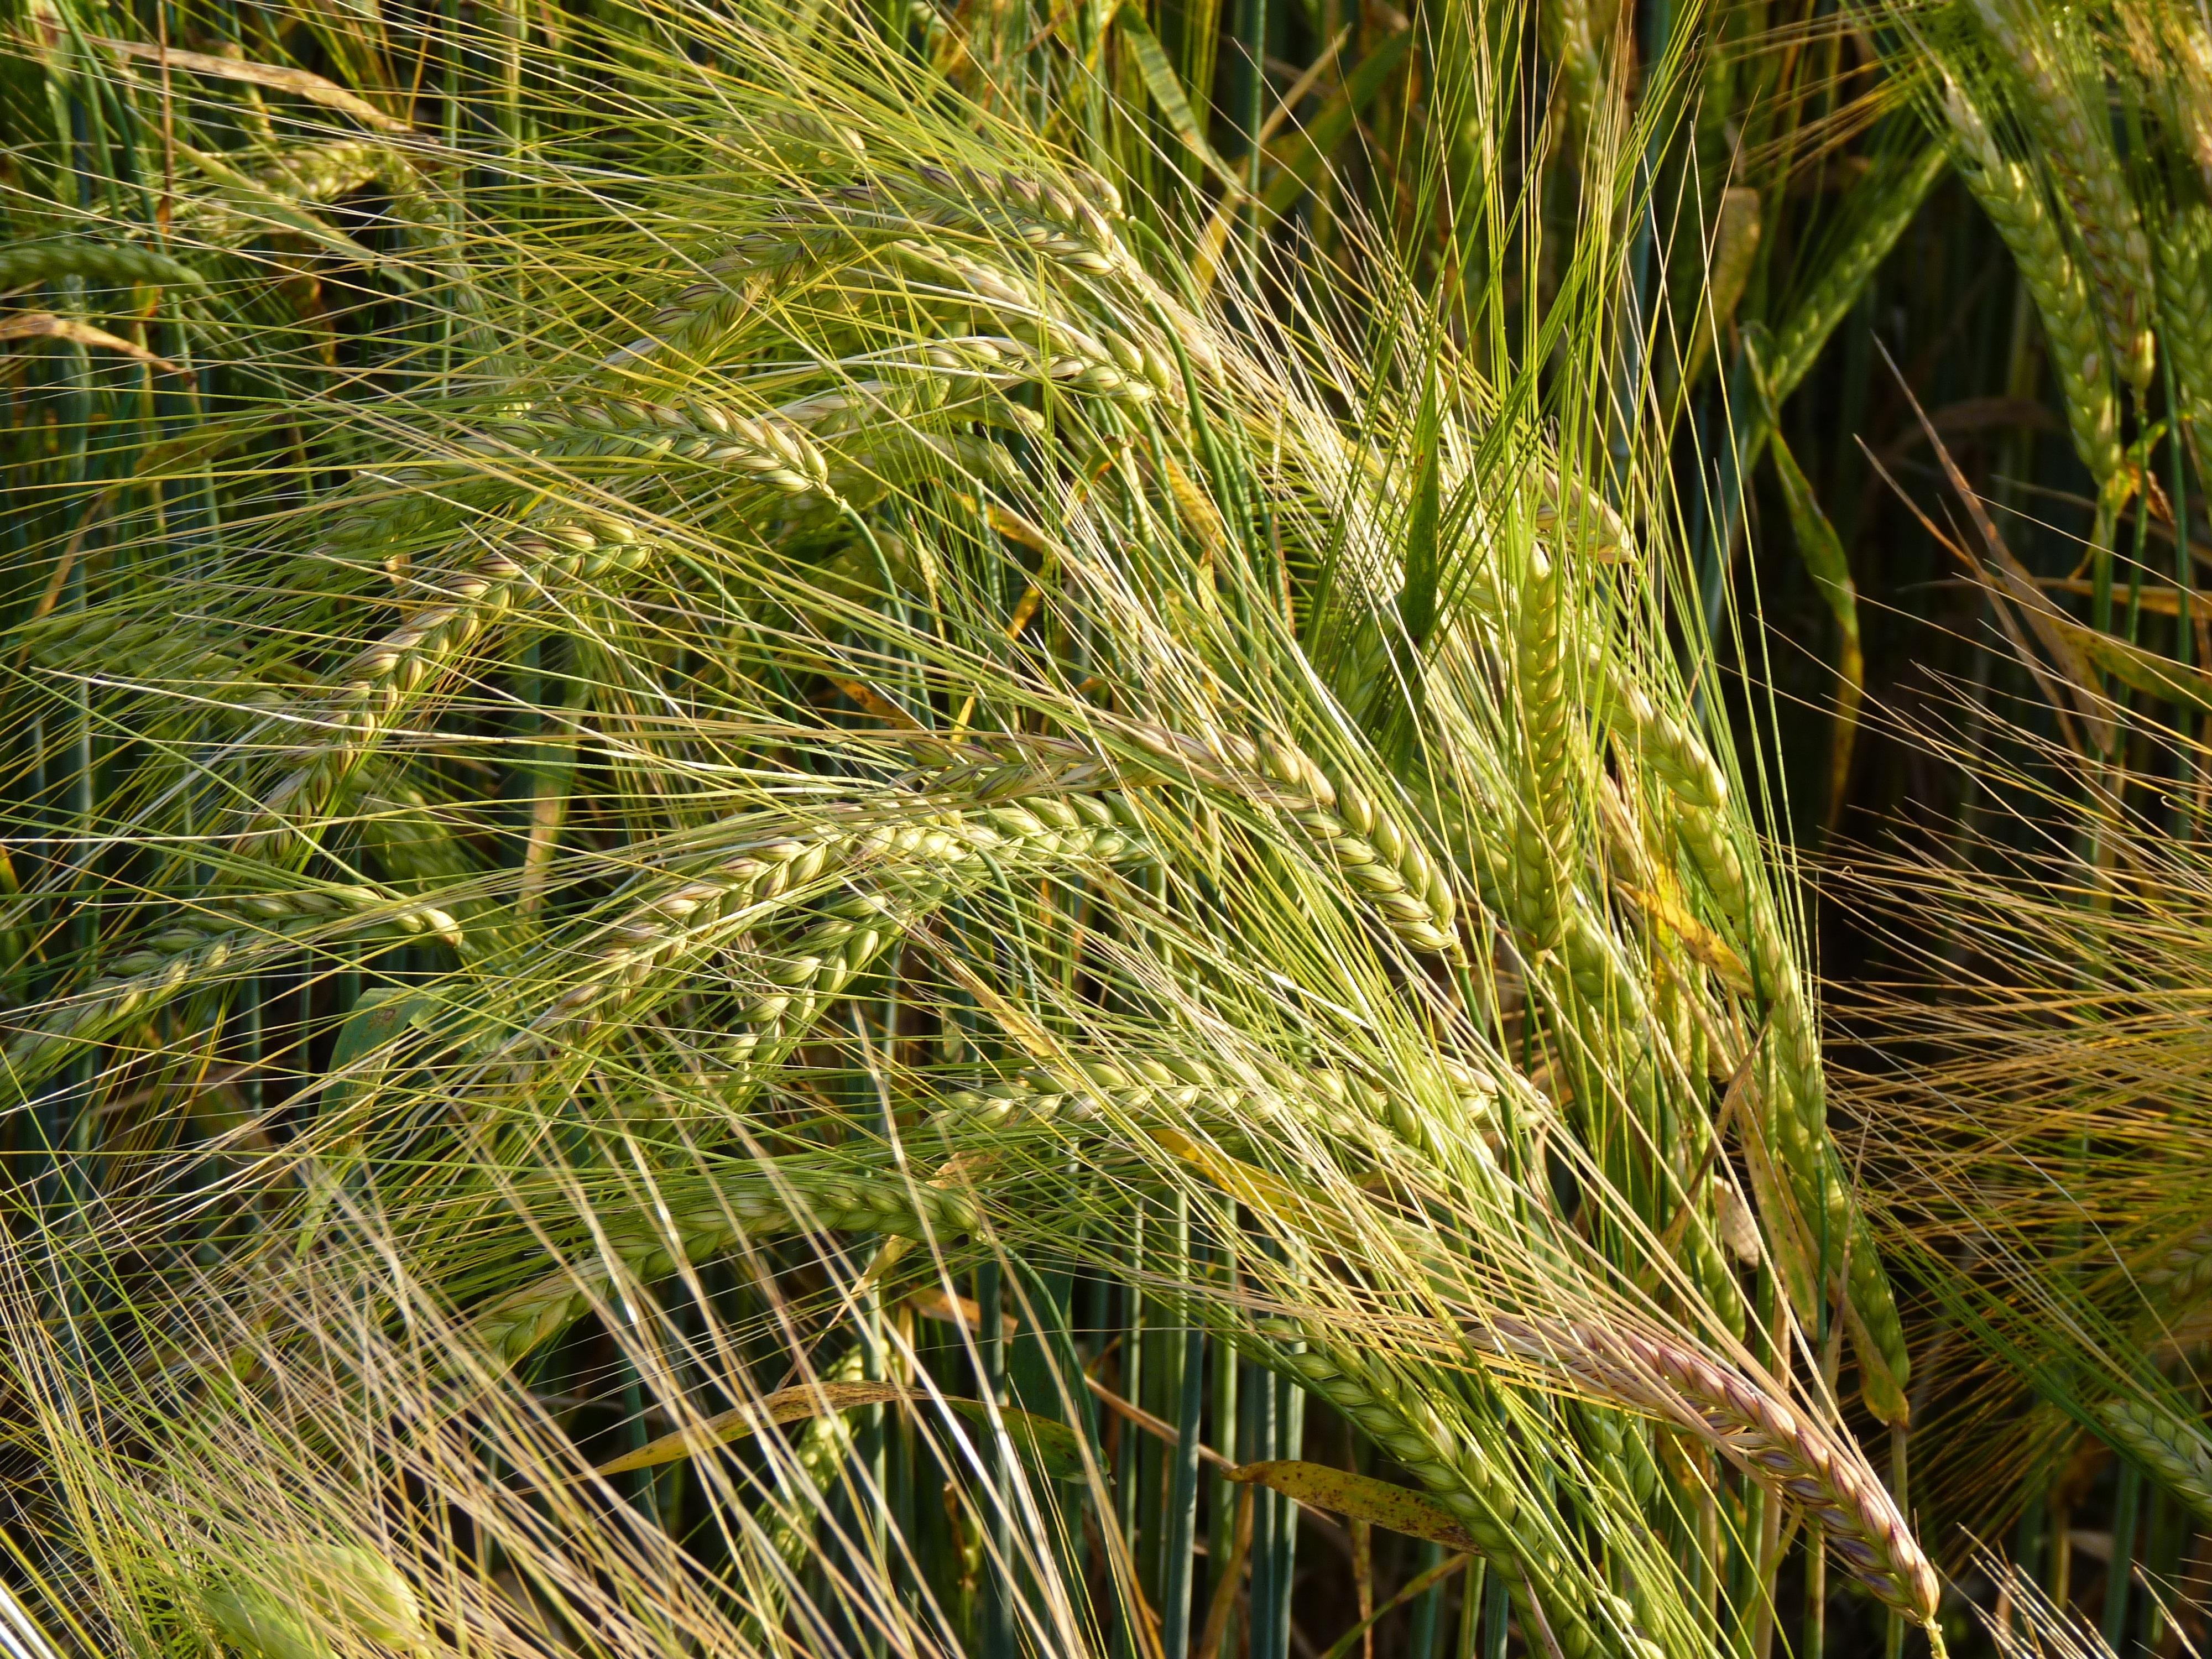 вариантов, картинки злаковых трав будешь обращаться ним